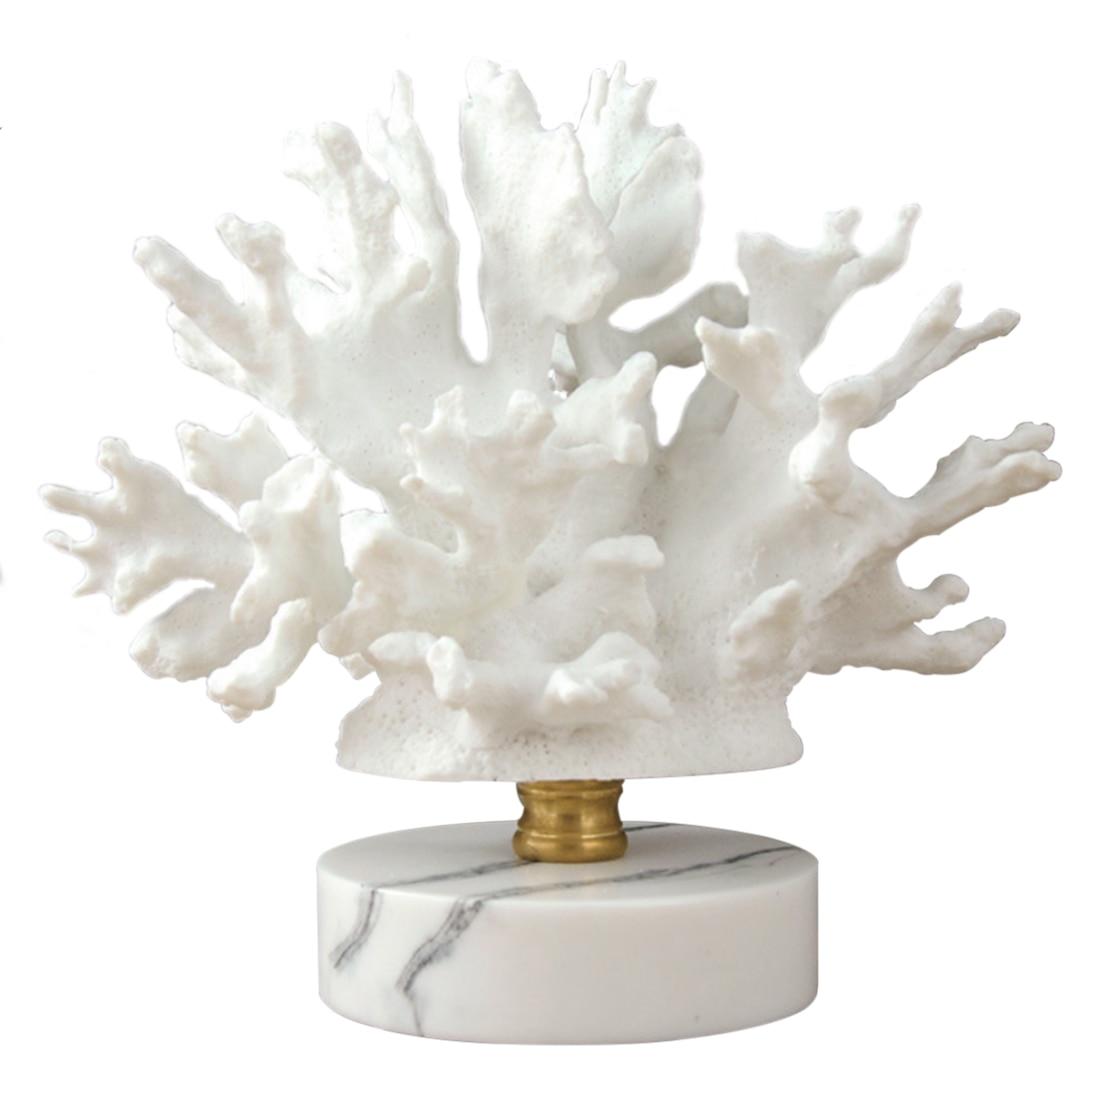 Ornements maison Style nordique corail ornement avec Base en marbre pour la maison café noël chambre décor 2018